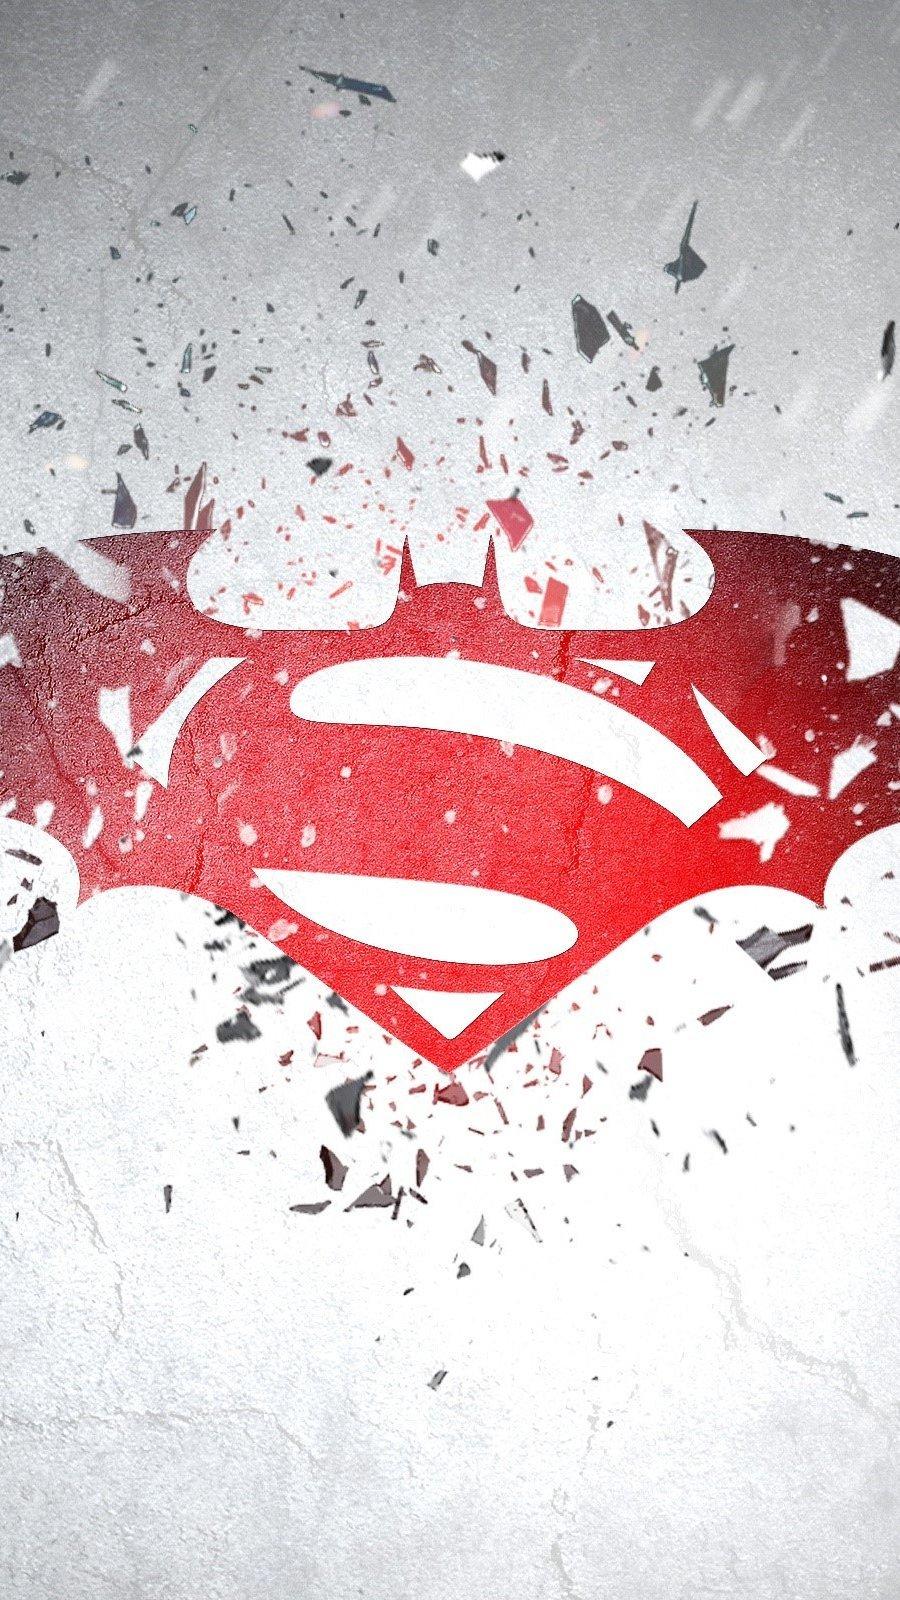 Fondos de pantalla Batman vs superman Vertical